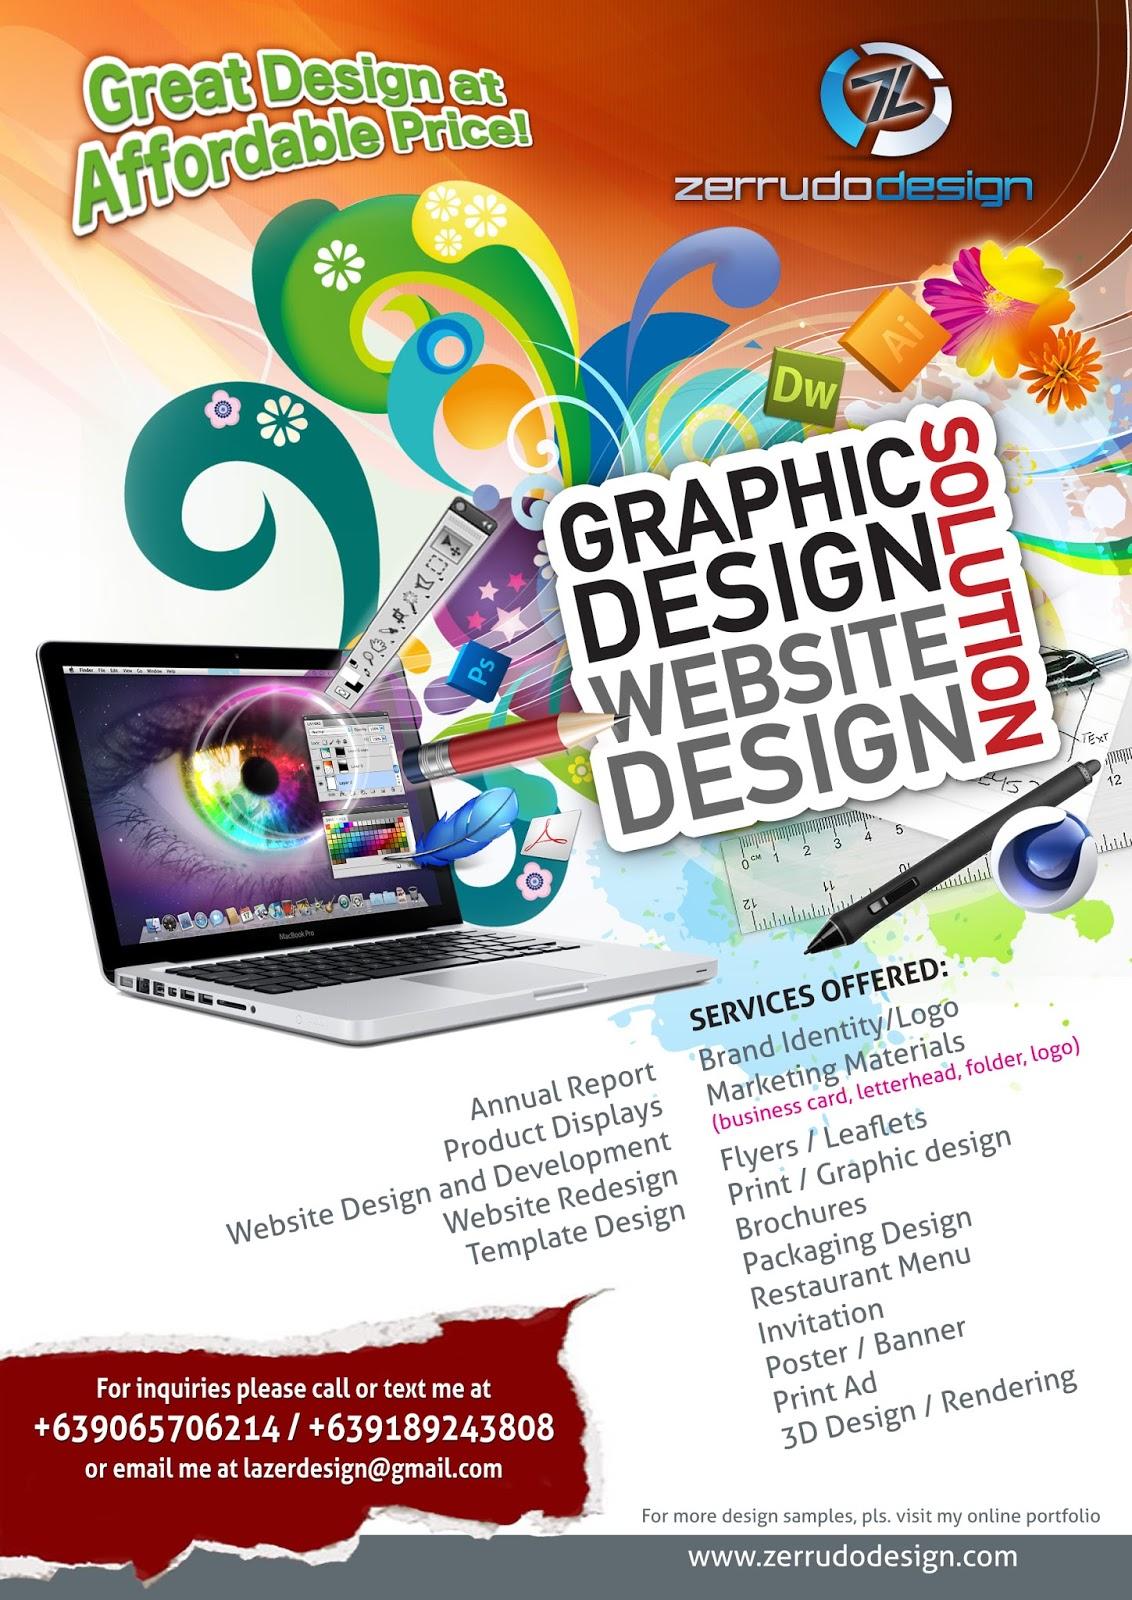 promo flyer design - Dorit.mercatodos.co